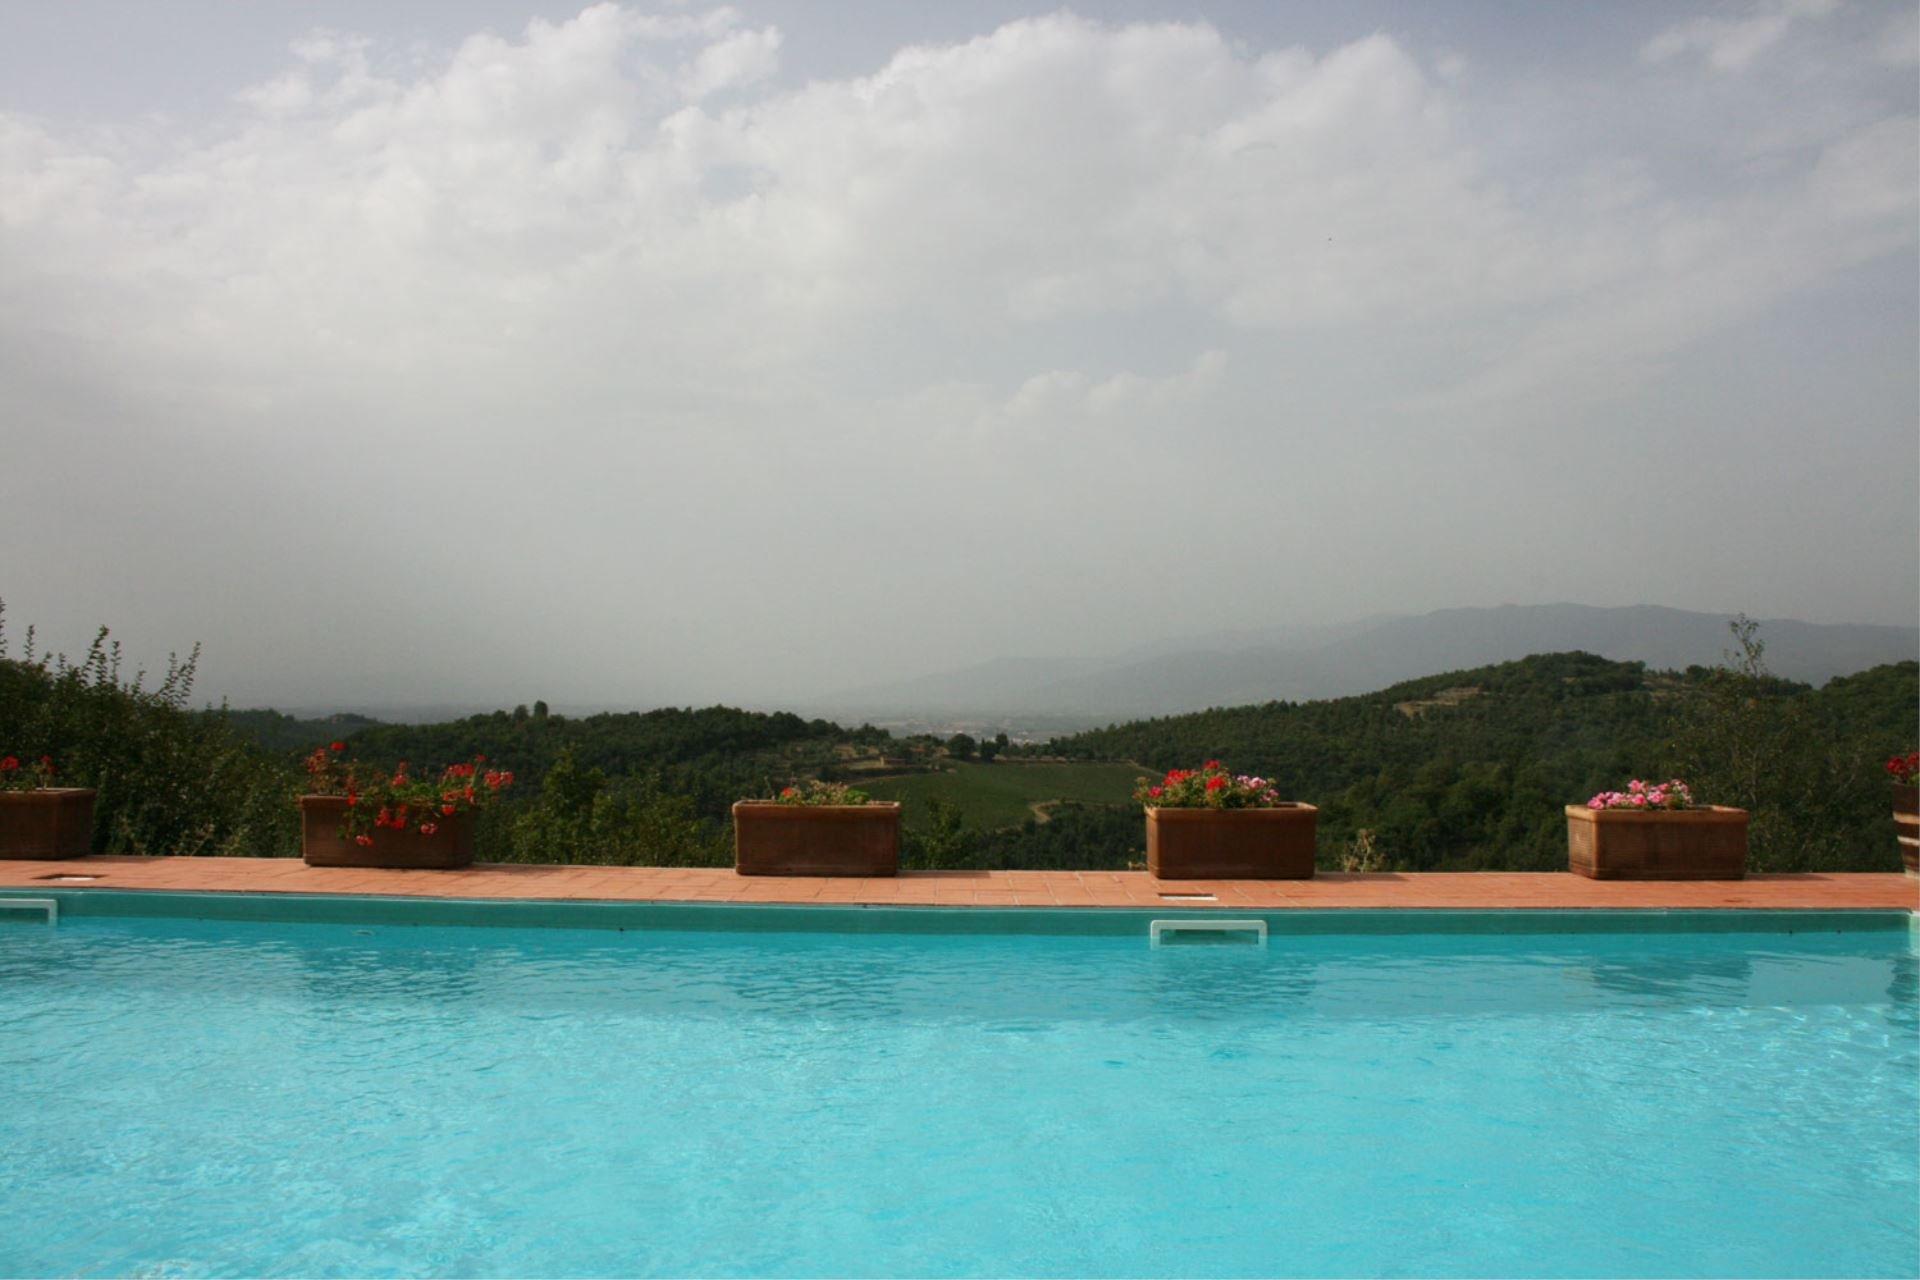 gratena zwembad met uitzicht